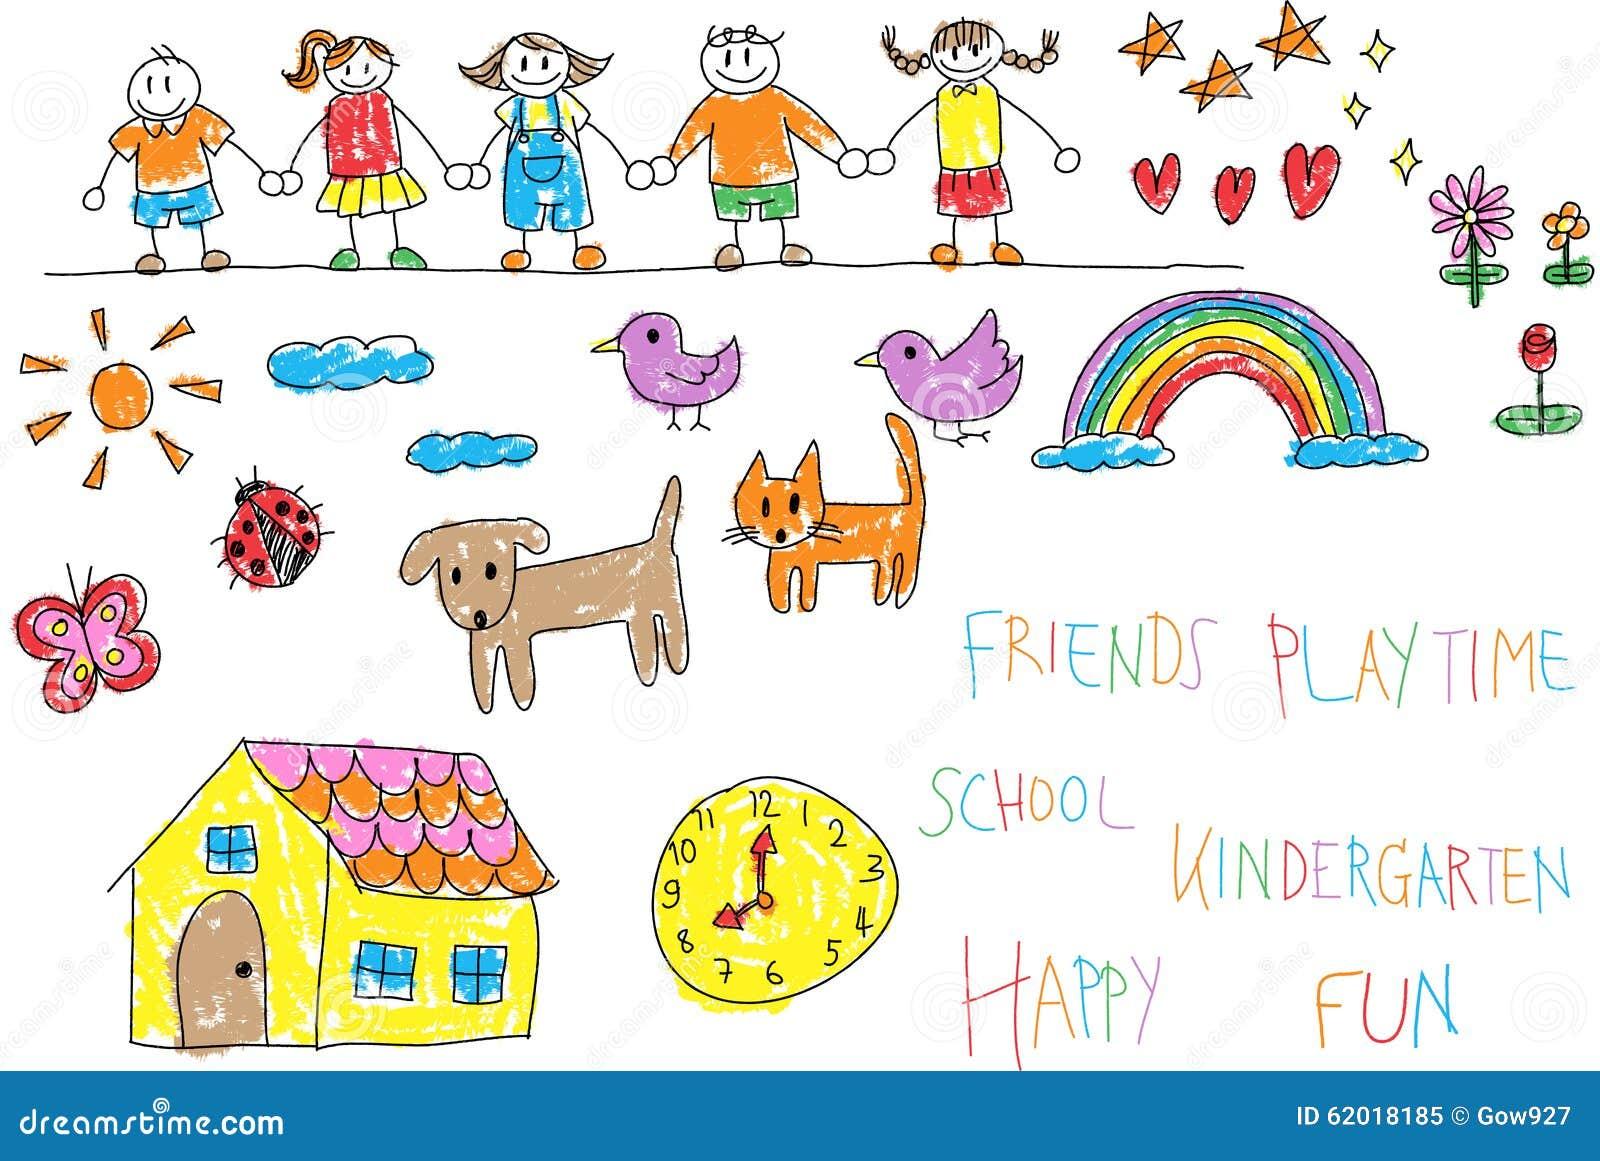 Vector Drawing Lines Kindergarten : Kindergarten children doodle pencil and crayon color